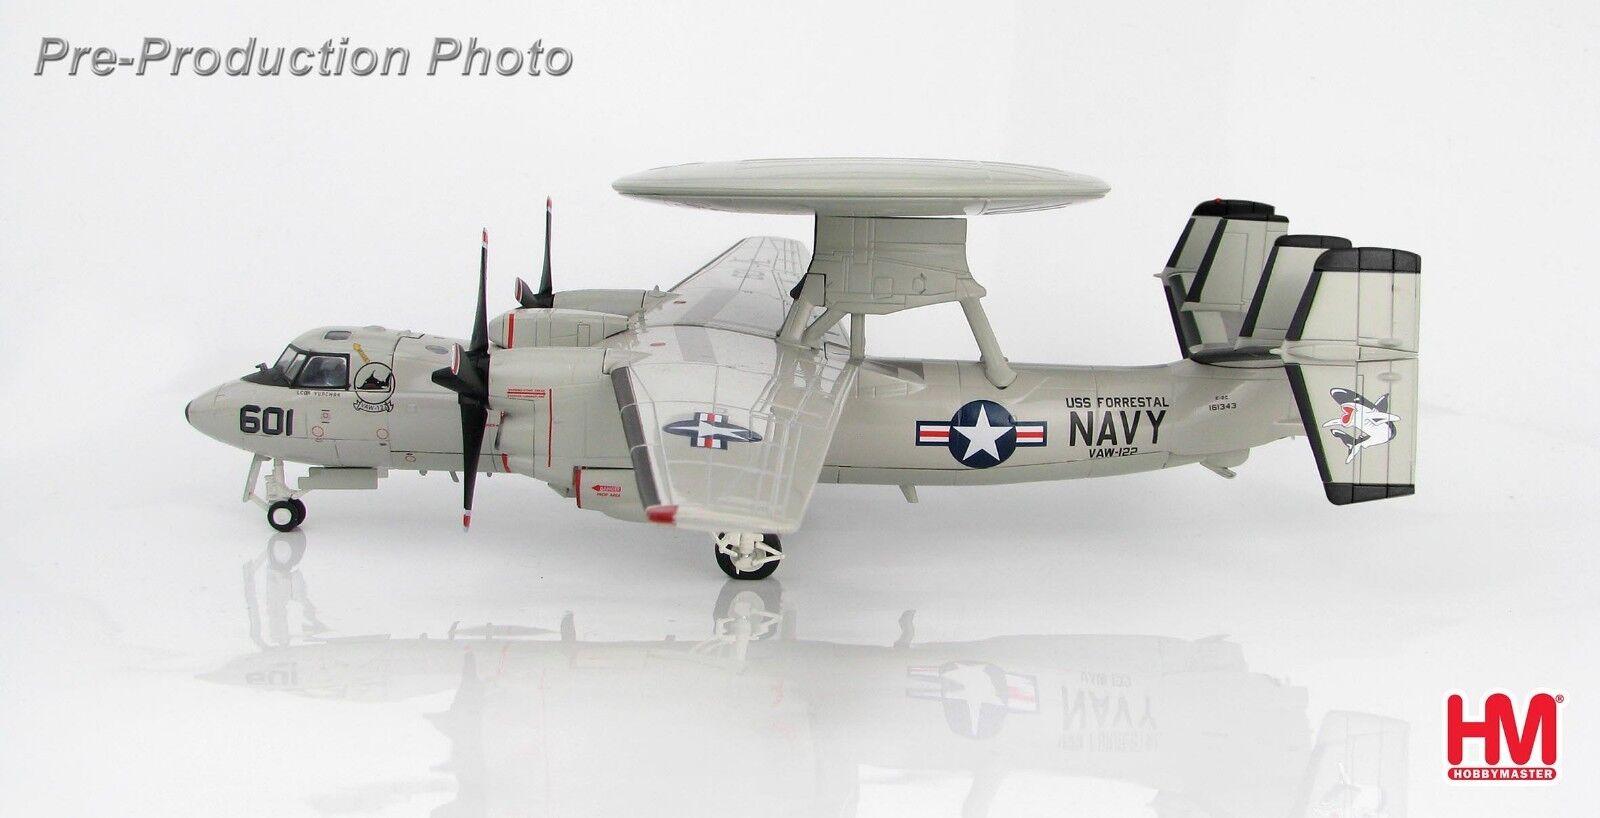 Hobby Master HA4810,Northrop Grumman Grumman Grumman E-2C Hawkeye 161343, VAW-122  Steel Jaws , 048e96